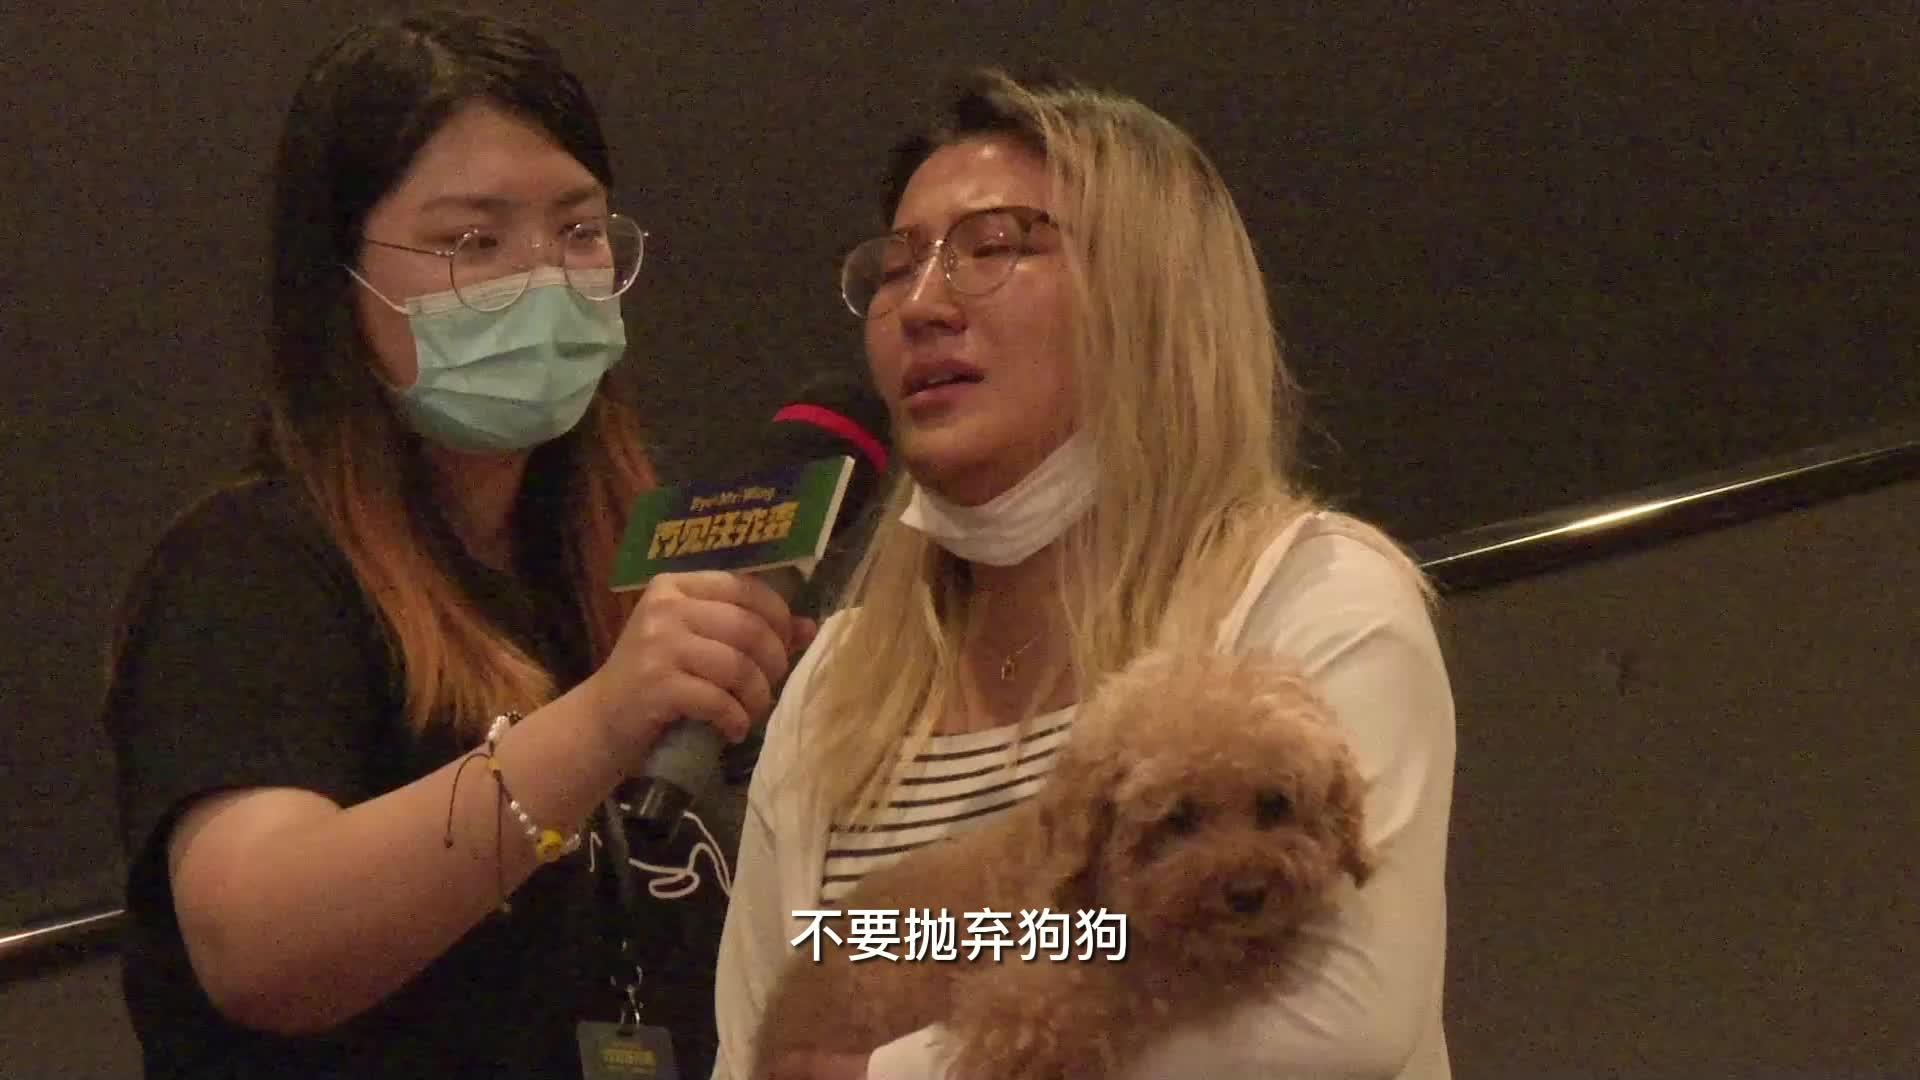 《再见汪先森》首映礼 观众讲述狗狗情缘